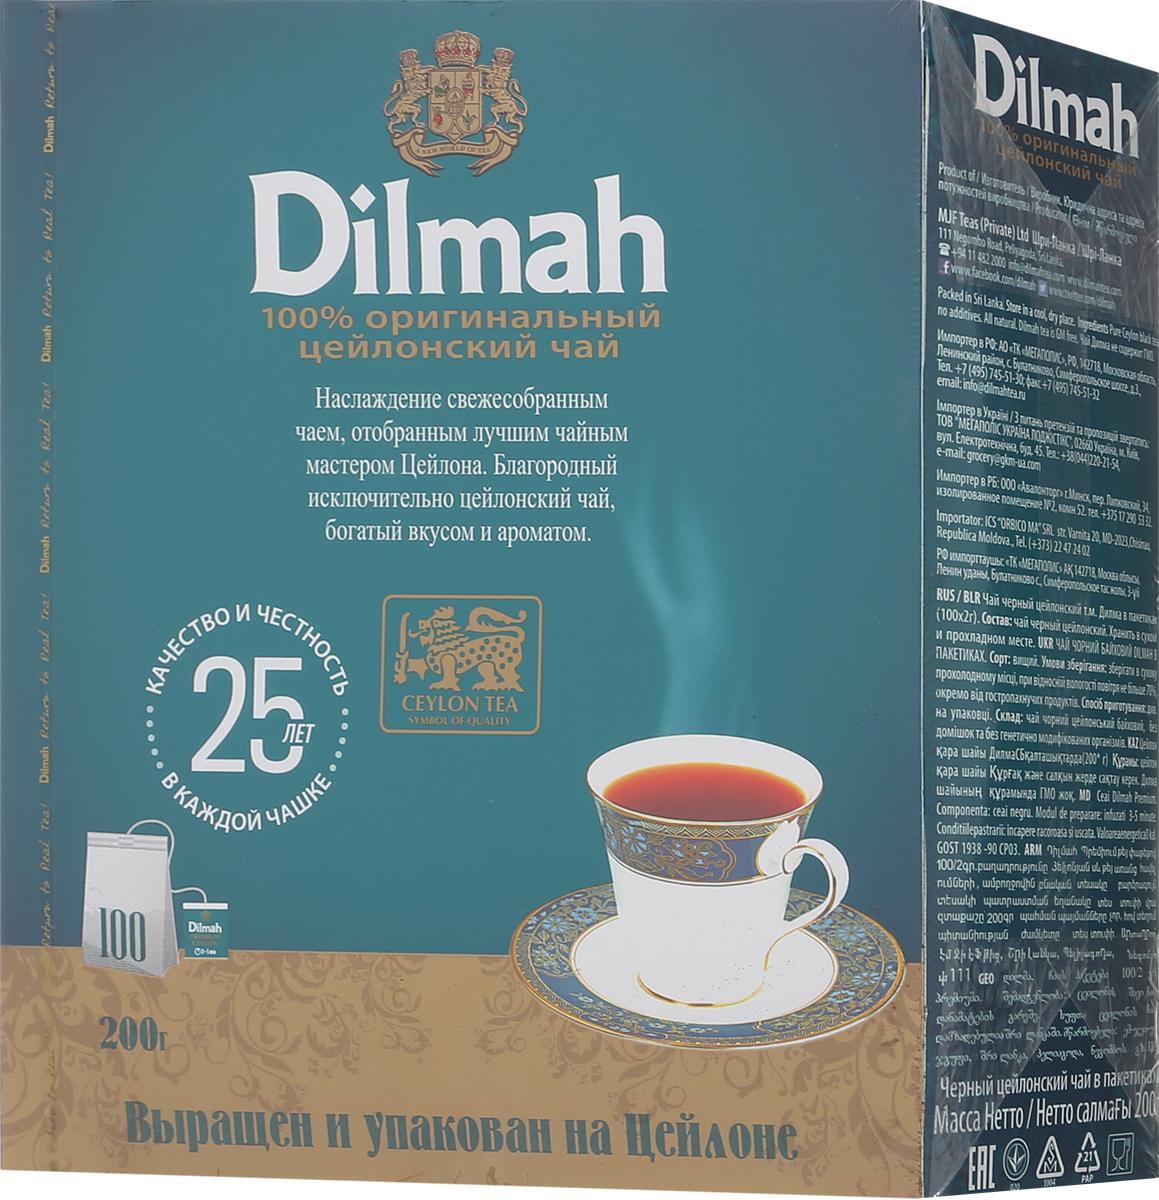 Dilmah Цейлонский черный чай в пакетиках, 100 шт9312631122619Dilmah Цейлонский черный чай в пакетиках - это наслаждение свежесобранным чаем, отобранным лучшим чайным мастером Цейлона. Благородный исключительно цейлонский чай, богатый вкусом и ароматом. Dilmah - чай однородного происхождения. Только цейлонский чай попадает в каждую пачку Dilmah. Чай упаковывается в Шри-Ланке практически сразу после сбора чайного листа. Dilmah - настоящий этический чай. Доходы от продаж делятся с работниками чайных плантаций и сообществом. Dilmah сохраняет приверженность традиционному чаю. Вот почему его вкус такой особенный.